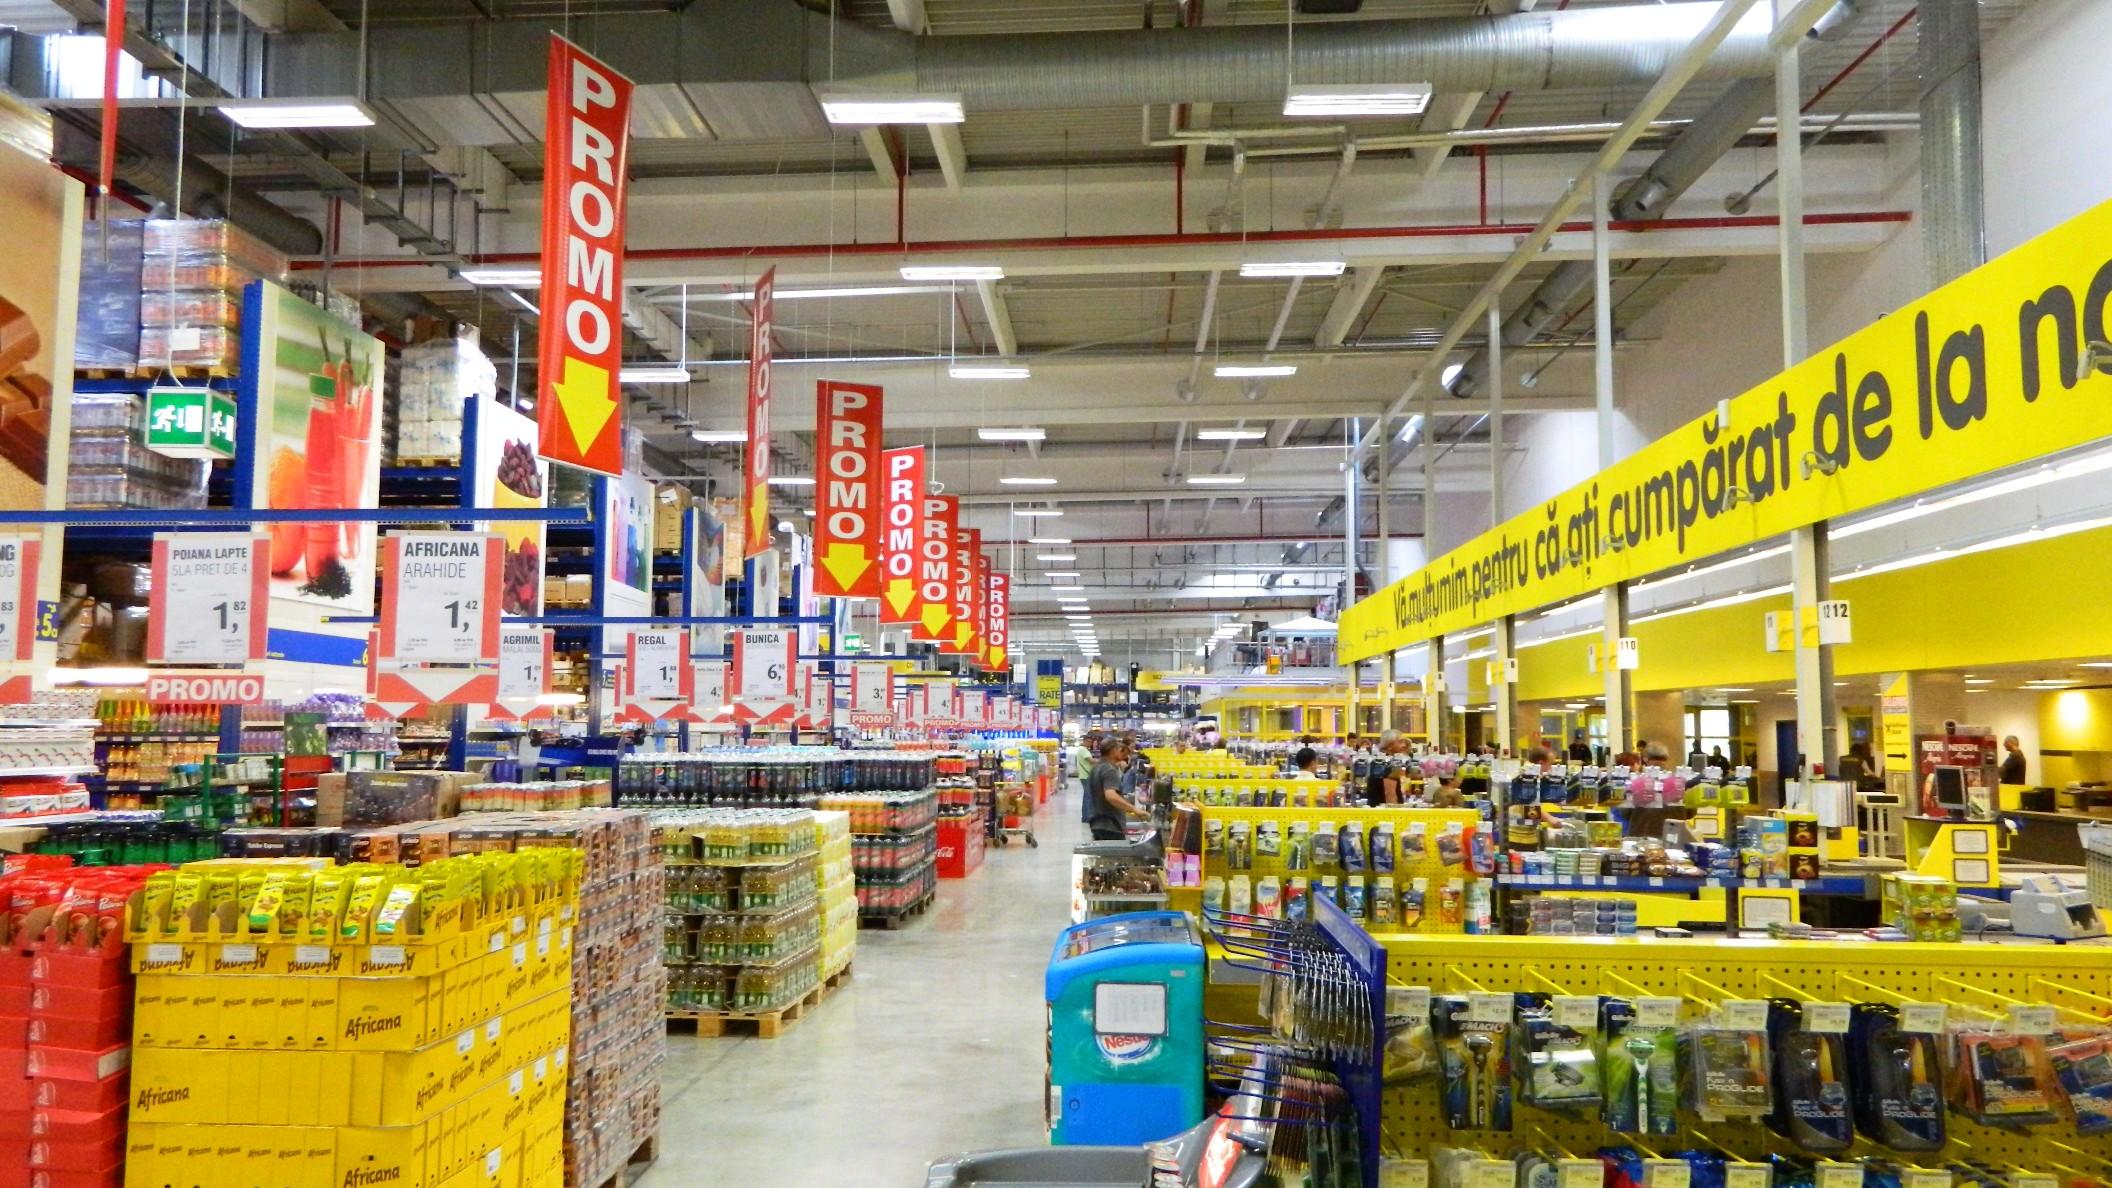 Selgros vinde online prin MegaMarket.ro